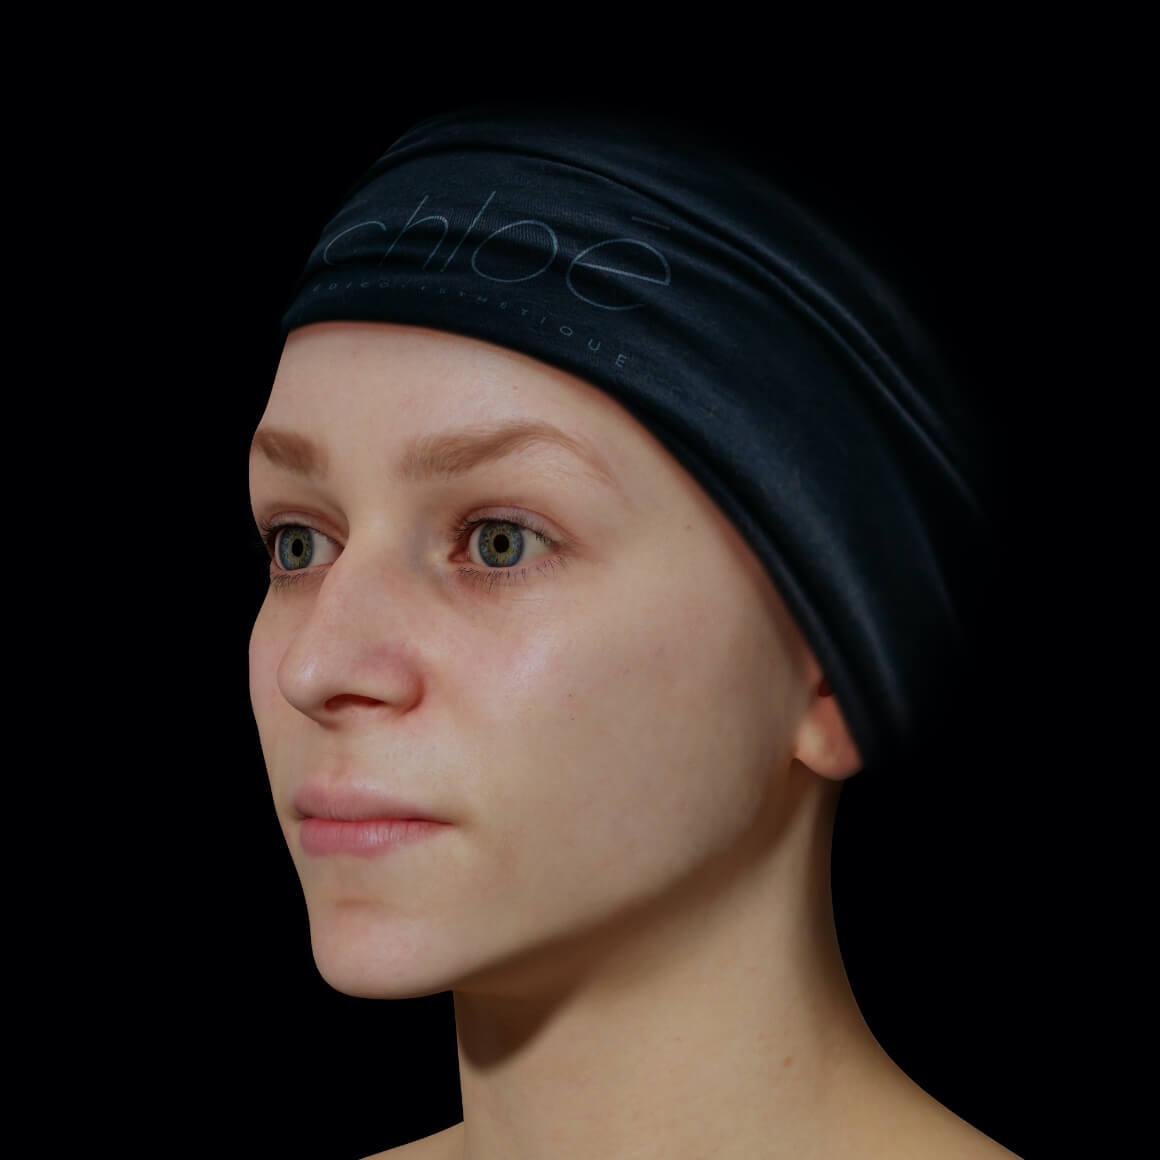 Une patiente de la Clinique Chloé vue en angle après des injections d'agents de comblement pour la définition de la mâchoire